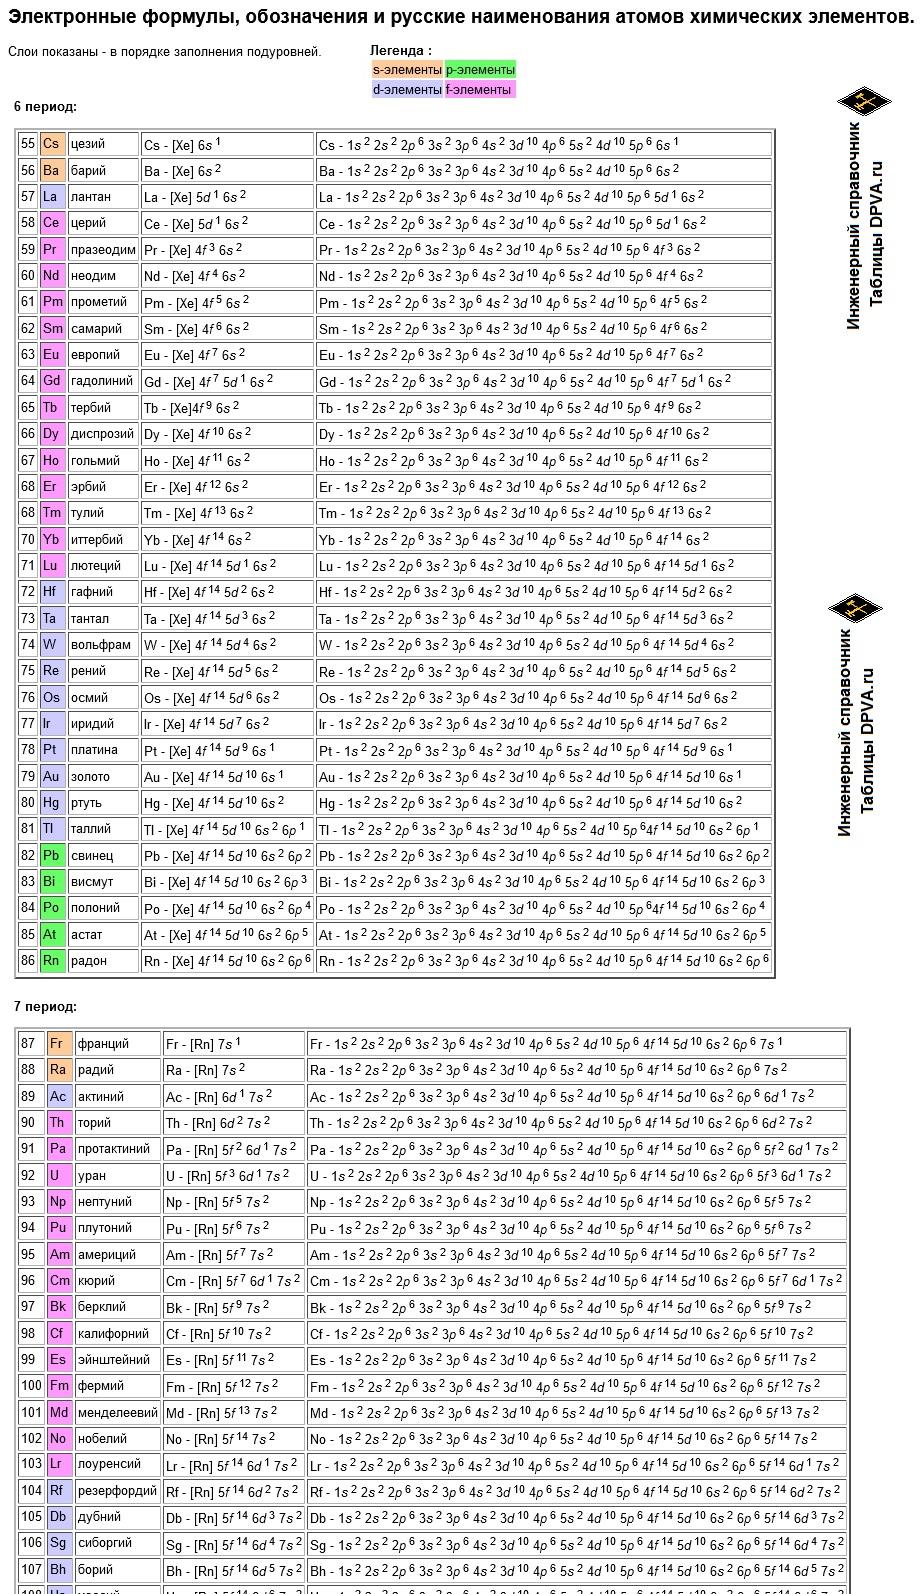 Электронные формулы, обозначения и русские наименования атомов химических элементов - 6-7 периоды таблицы Менделеева